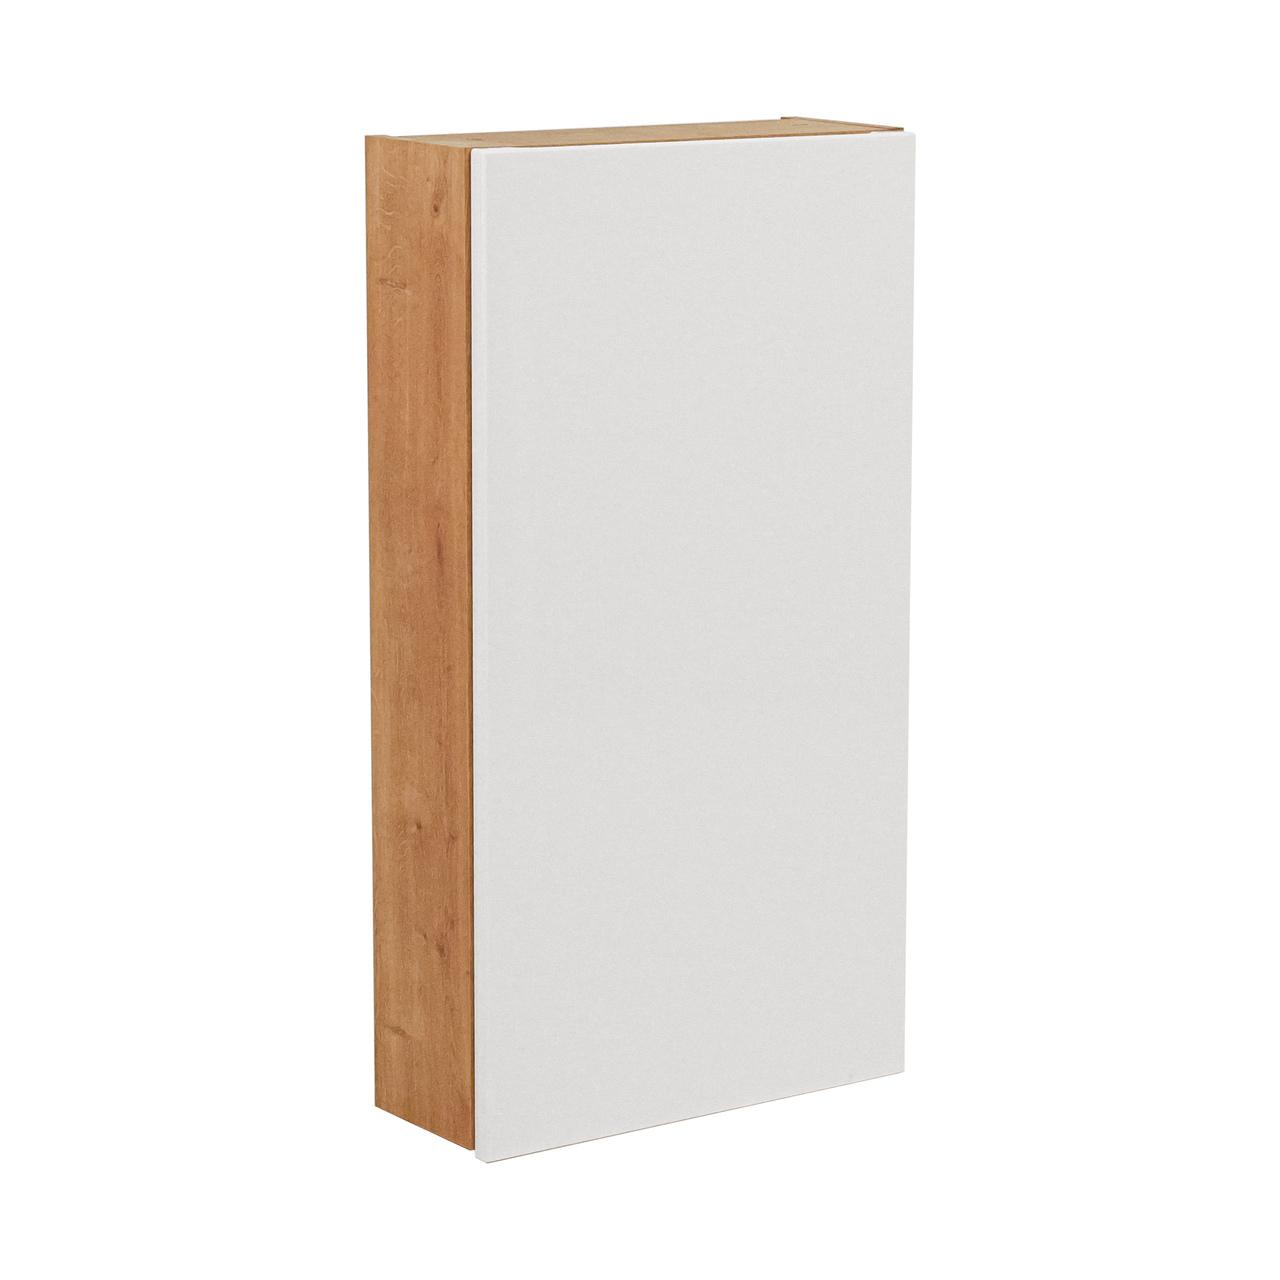 ArtCom Kúpeľňová zostava MONAKO WHITE OAK Monako: Závesná skrinka 830 - 75 x 40 x 15,6 cm